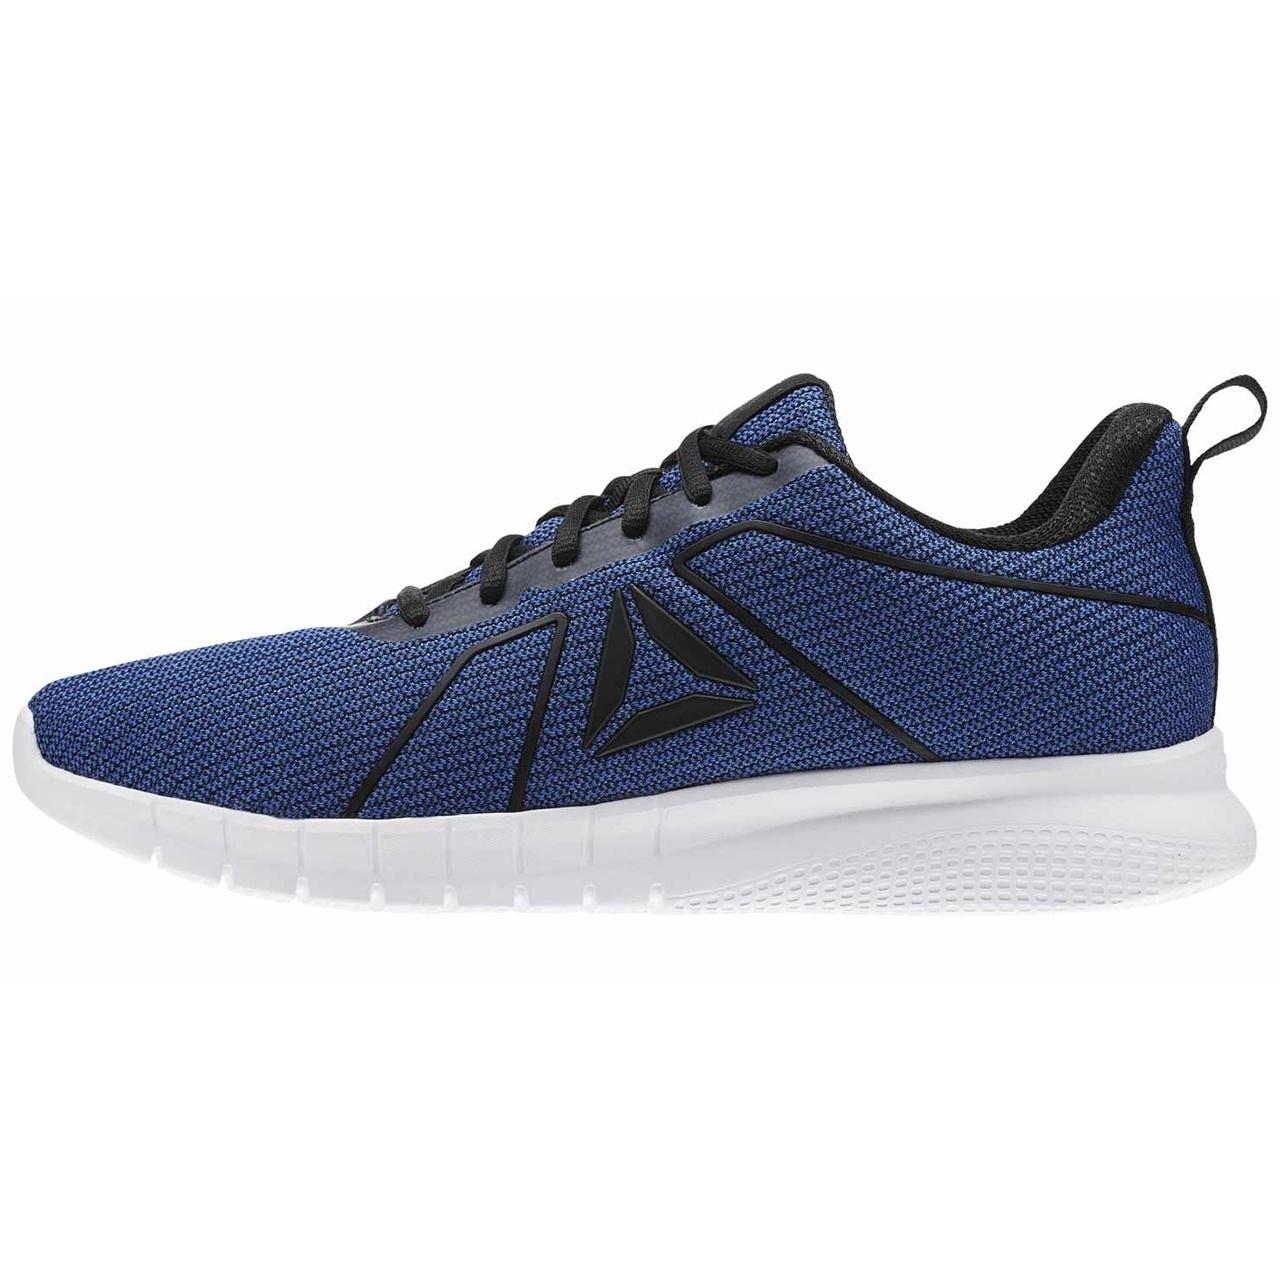 کفش مخصوص دویدن مردانه ریباک مدل INSTALITE PRO HTHR SHOES - CN5441